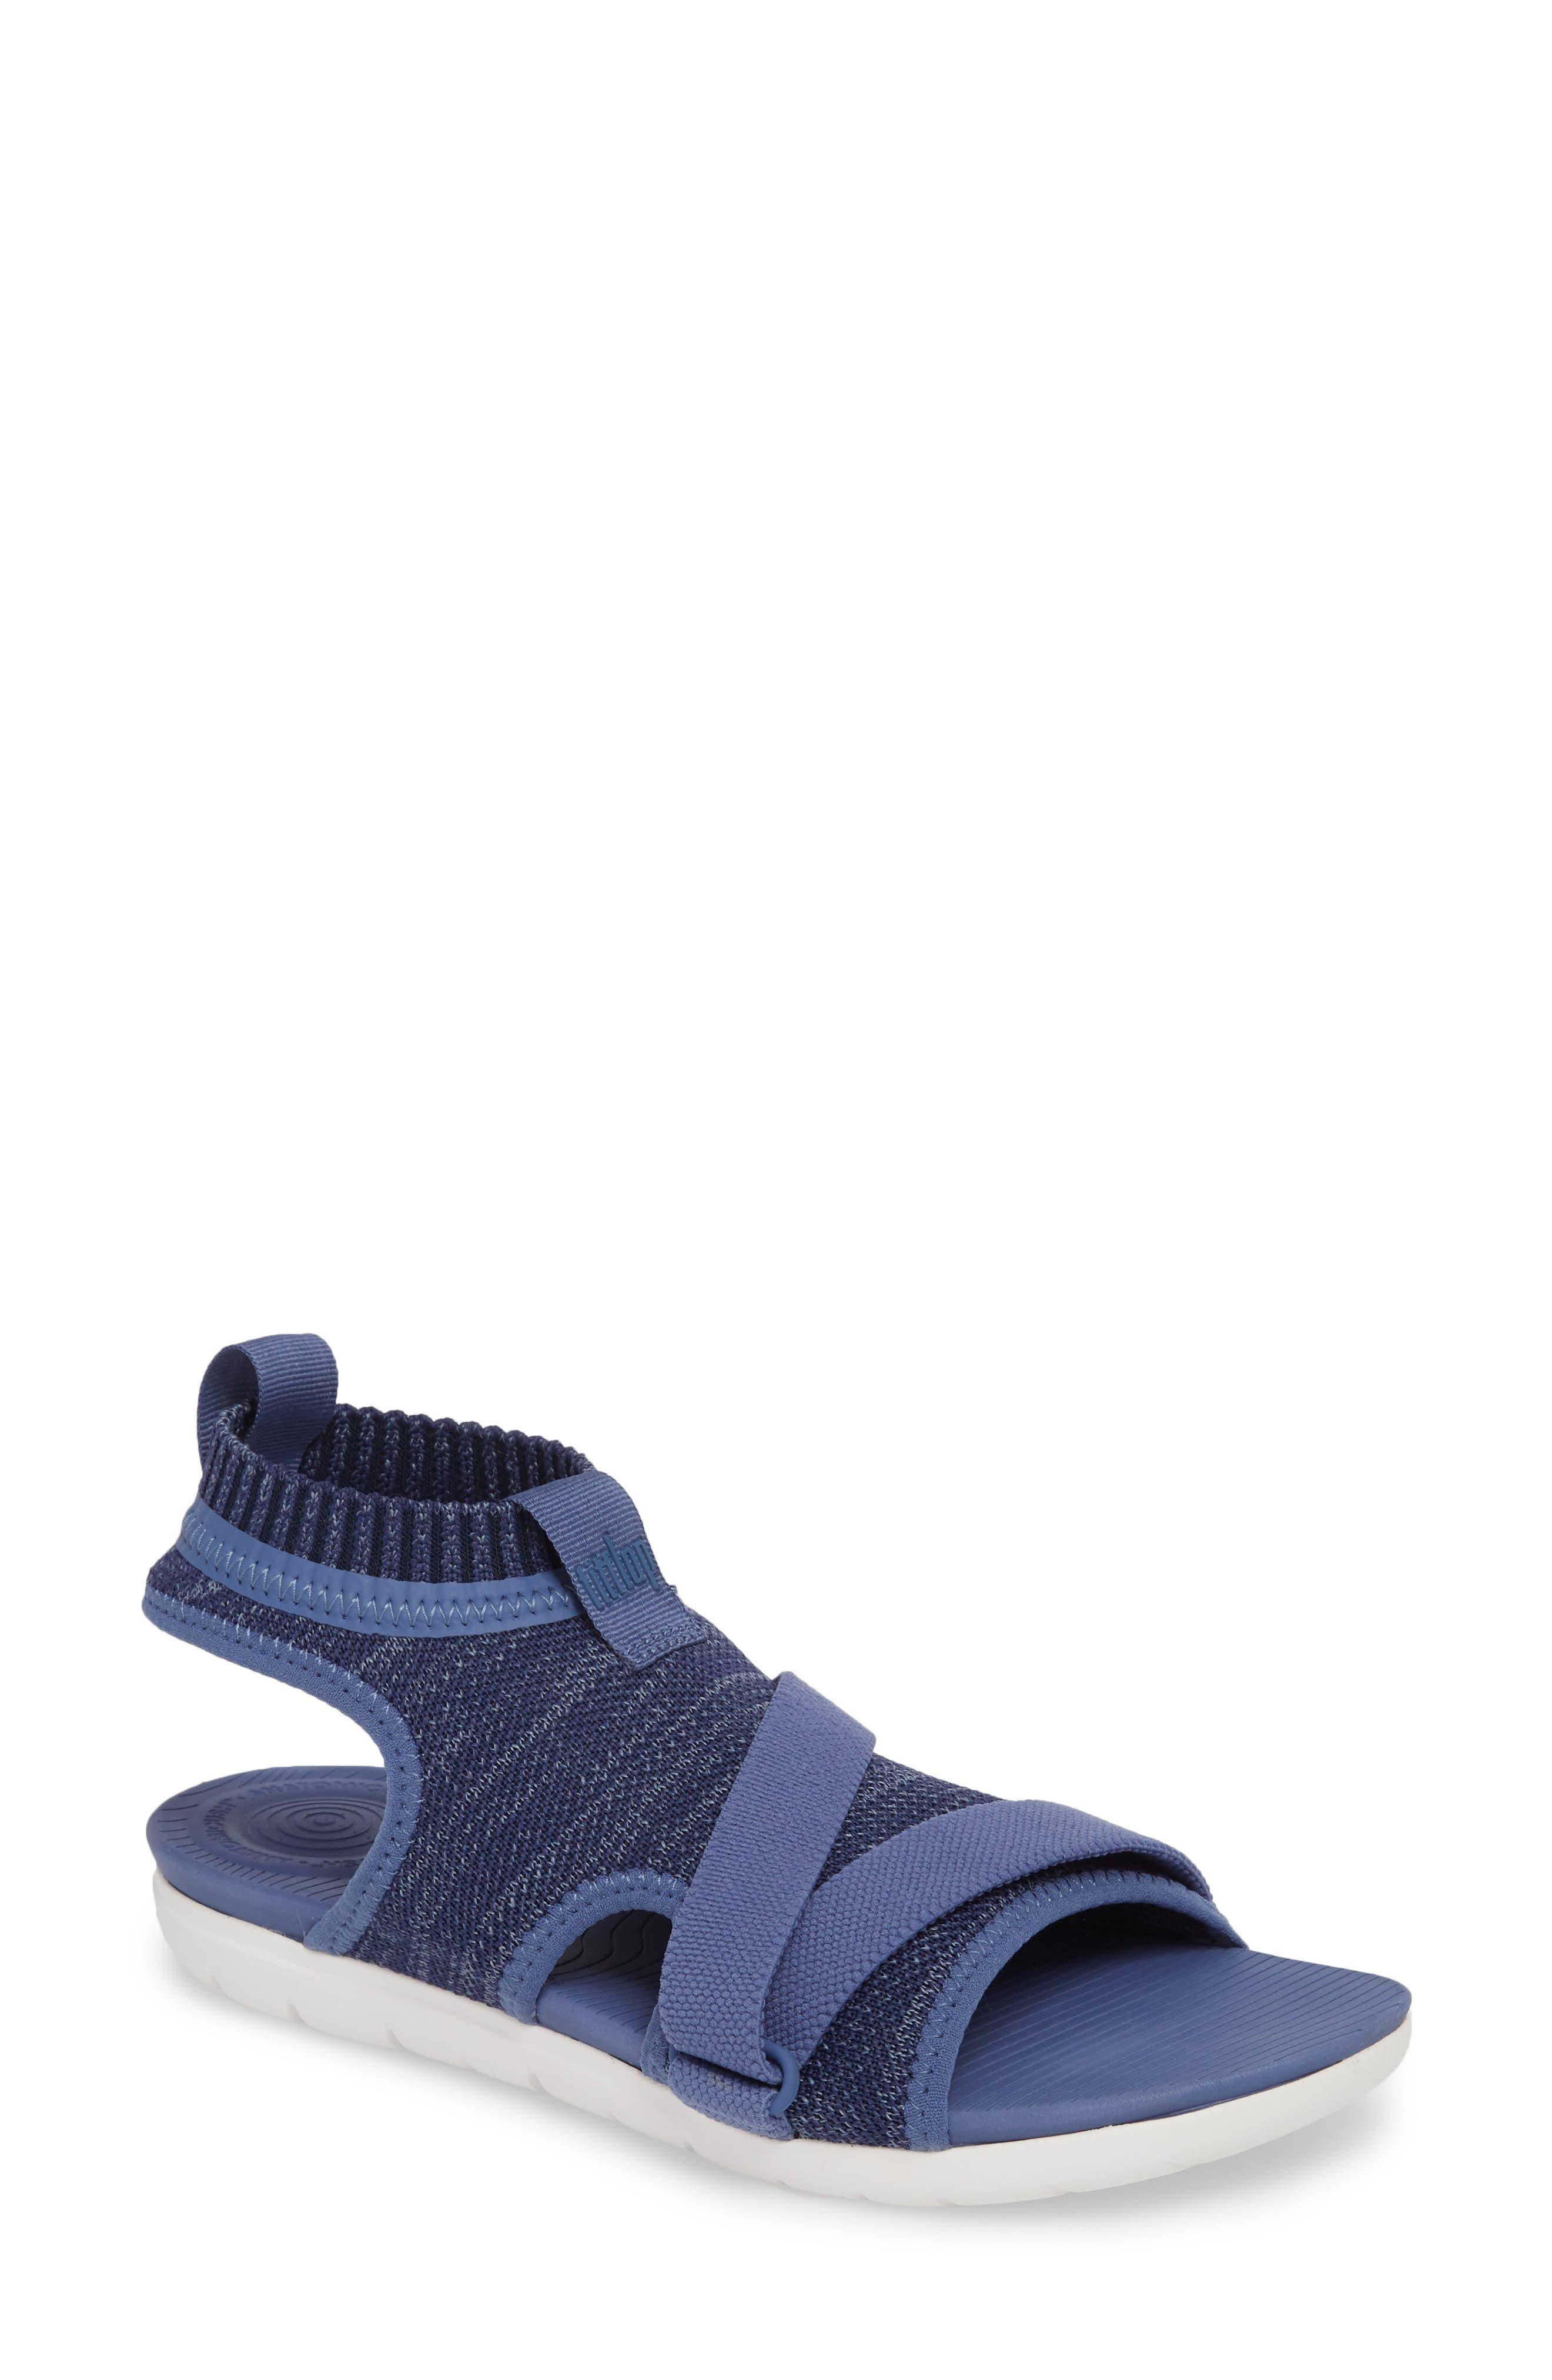 FitFlop Überknit Sandal (Women)